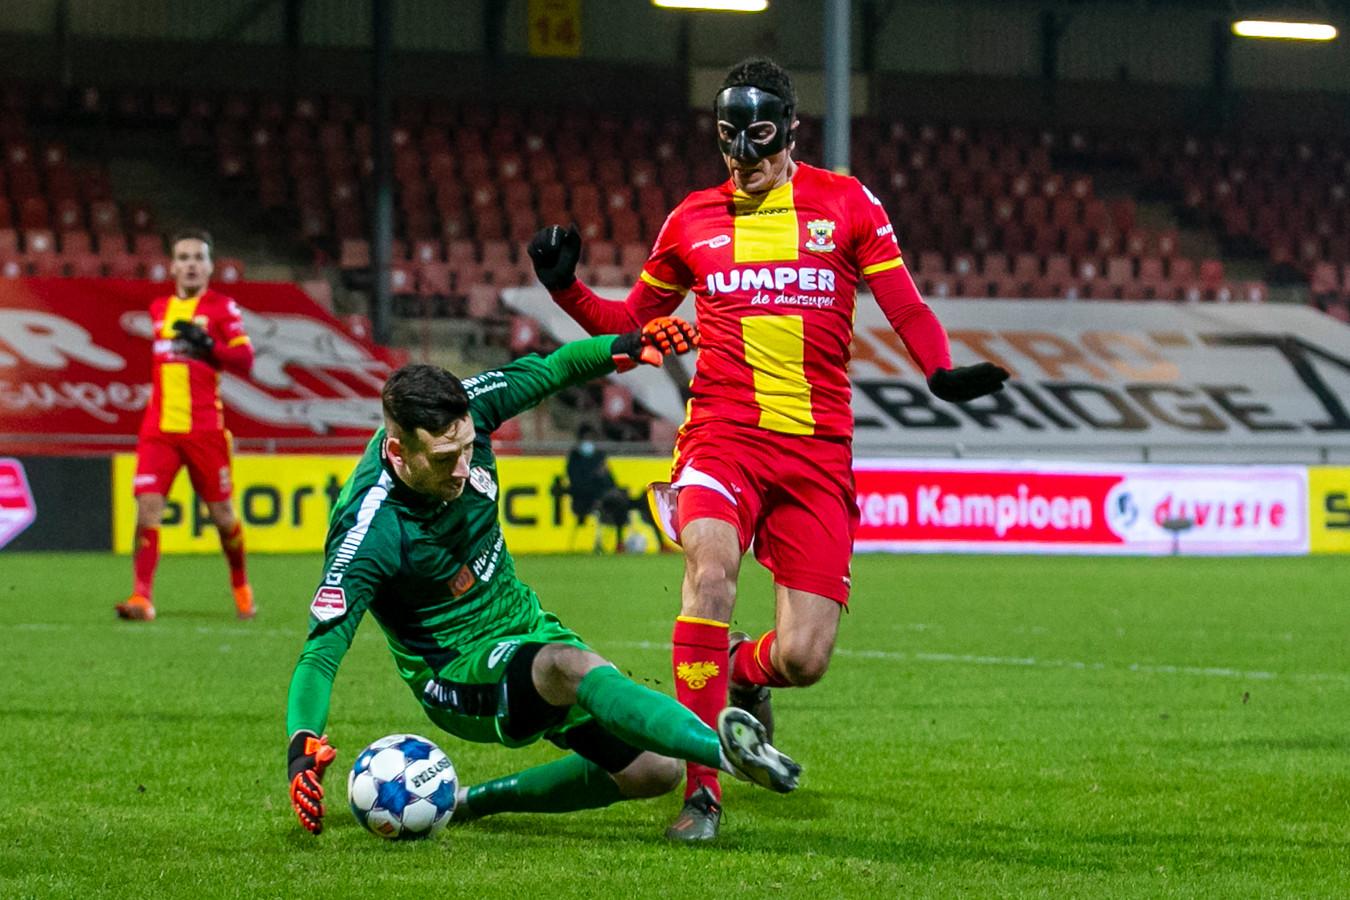 TOP-keeper Bo Geens vloert Antoine Rabillard. Geens kon vervolgens de strafschop van Jeroen Veldmate niet stoppen.